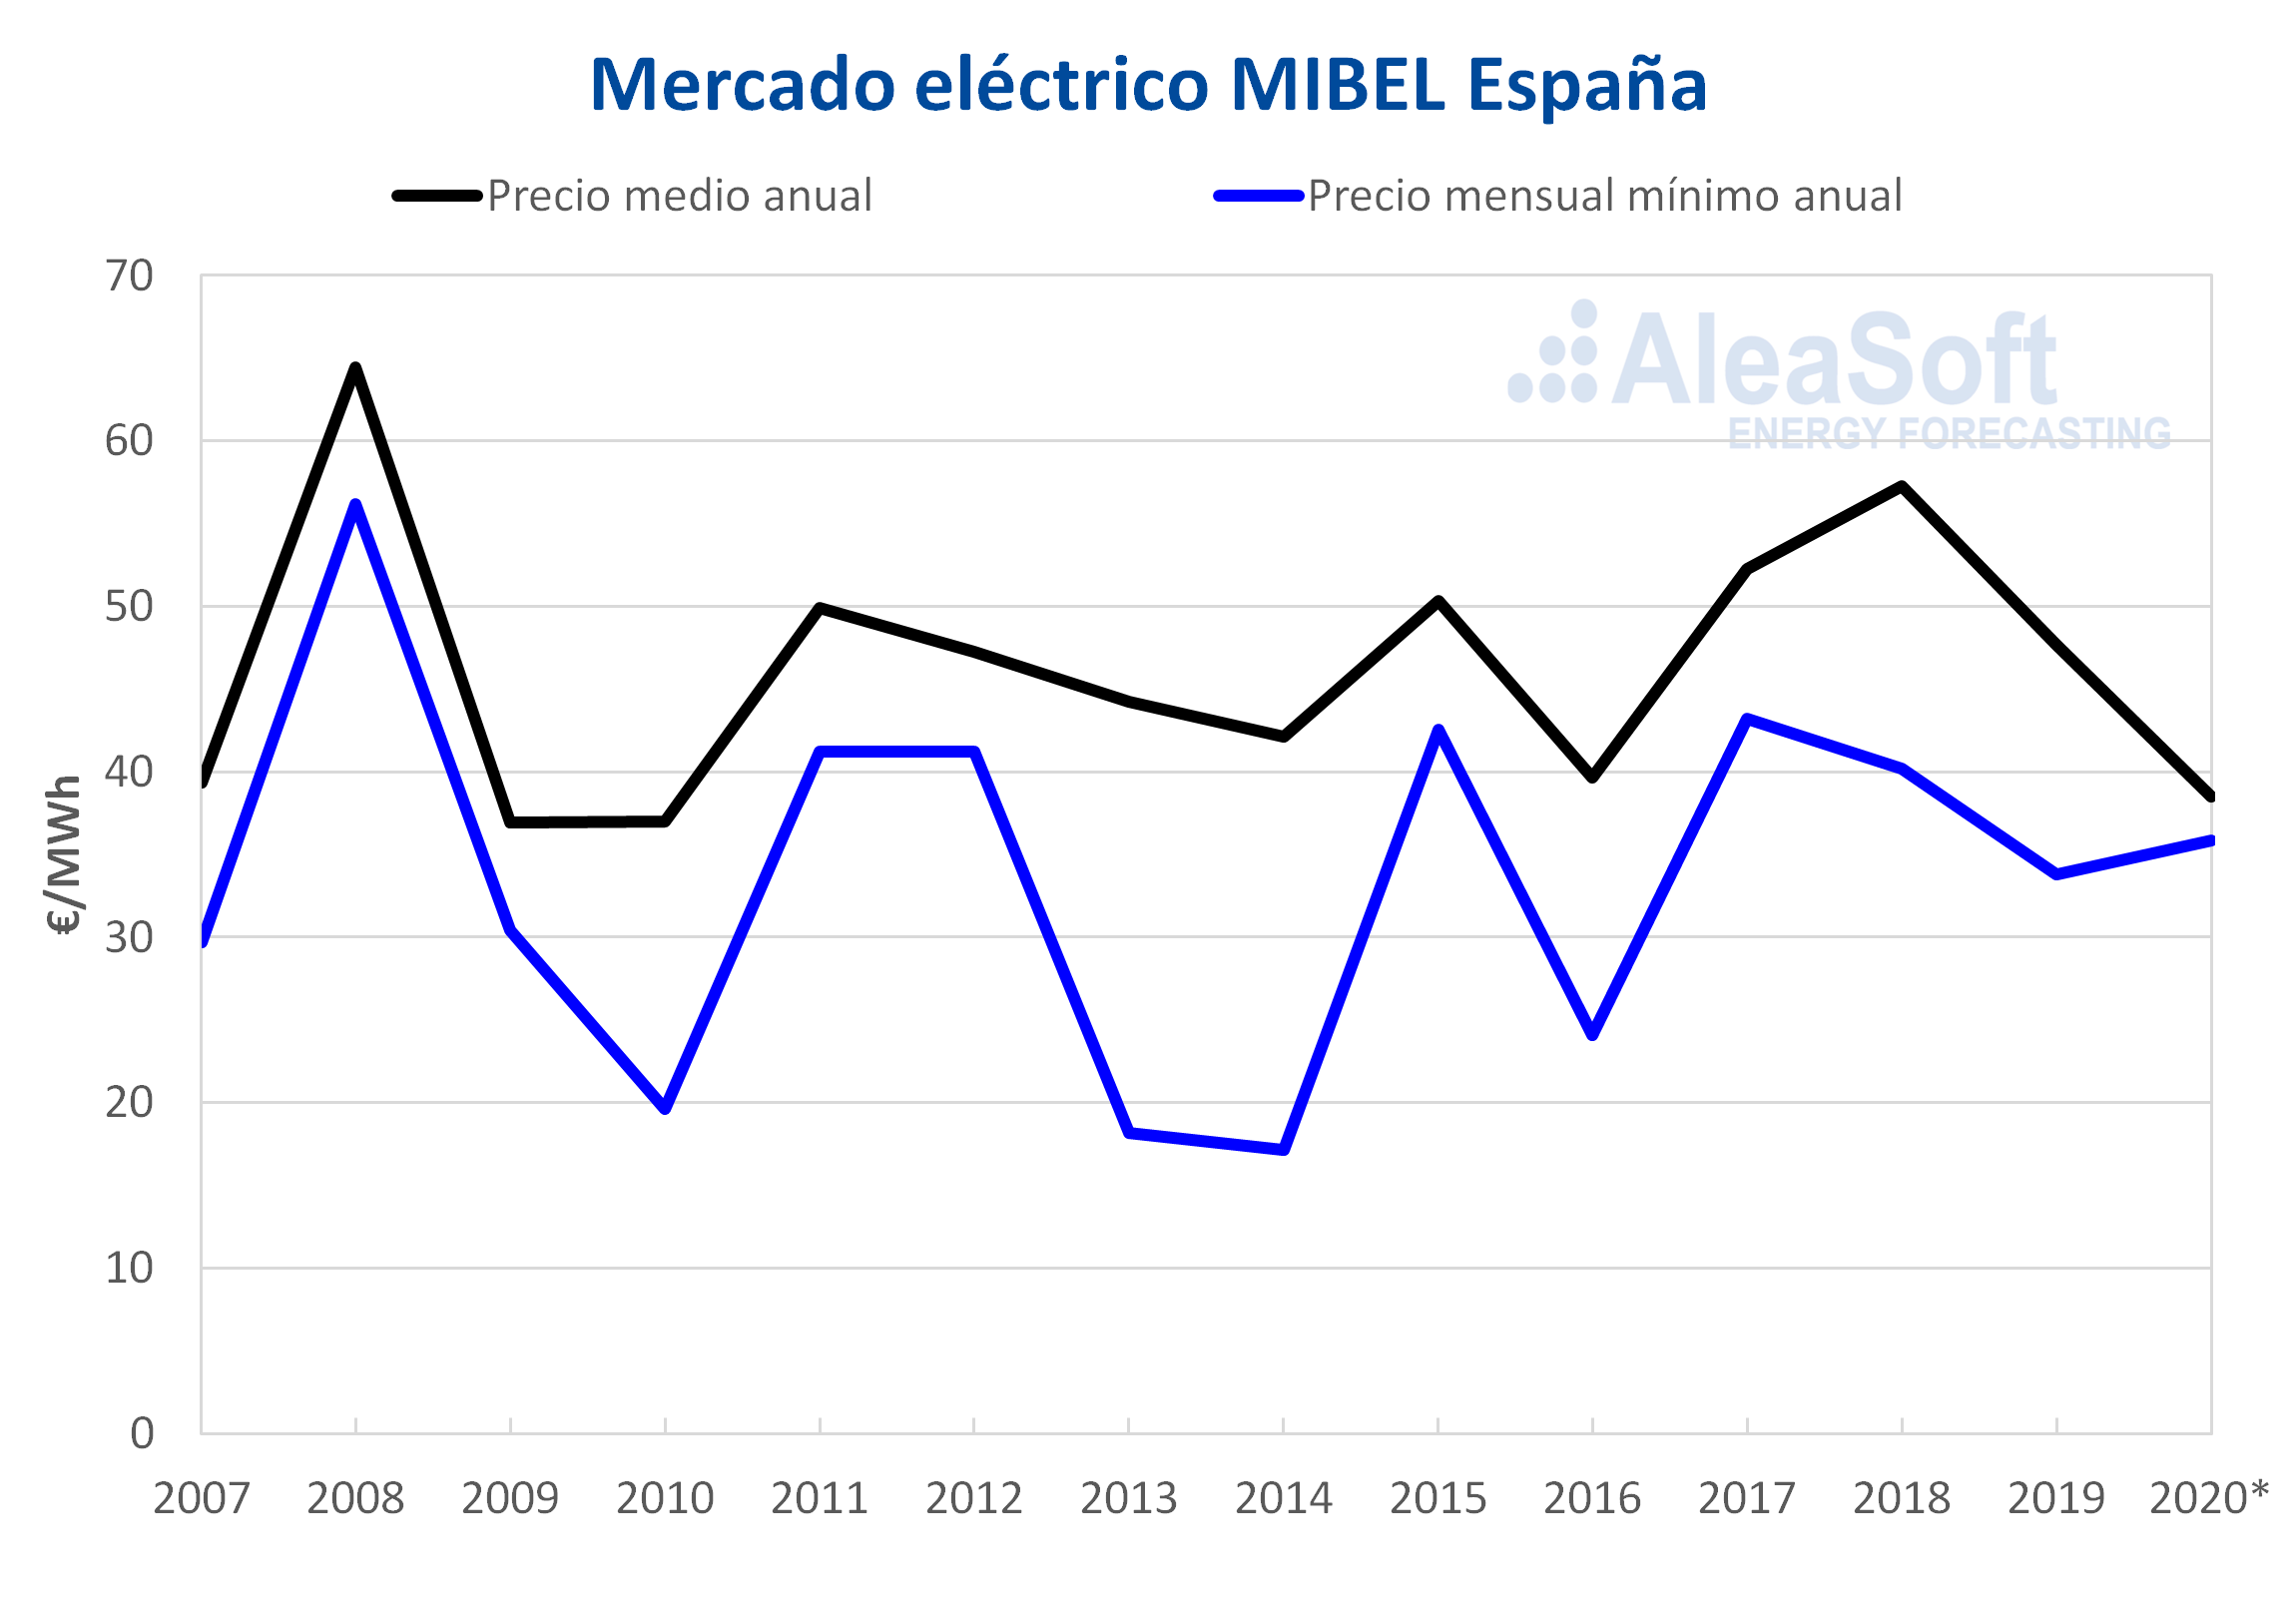 AleaSoft - Precio mercado electrico mibel espanna medio minimo mensual anual